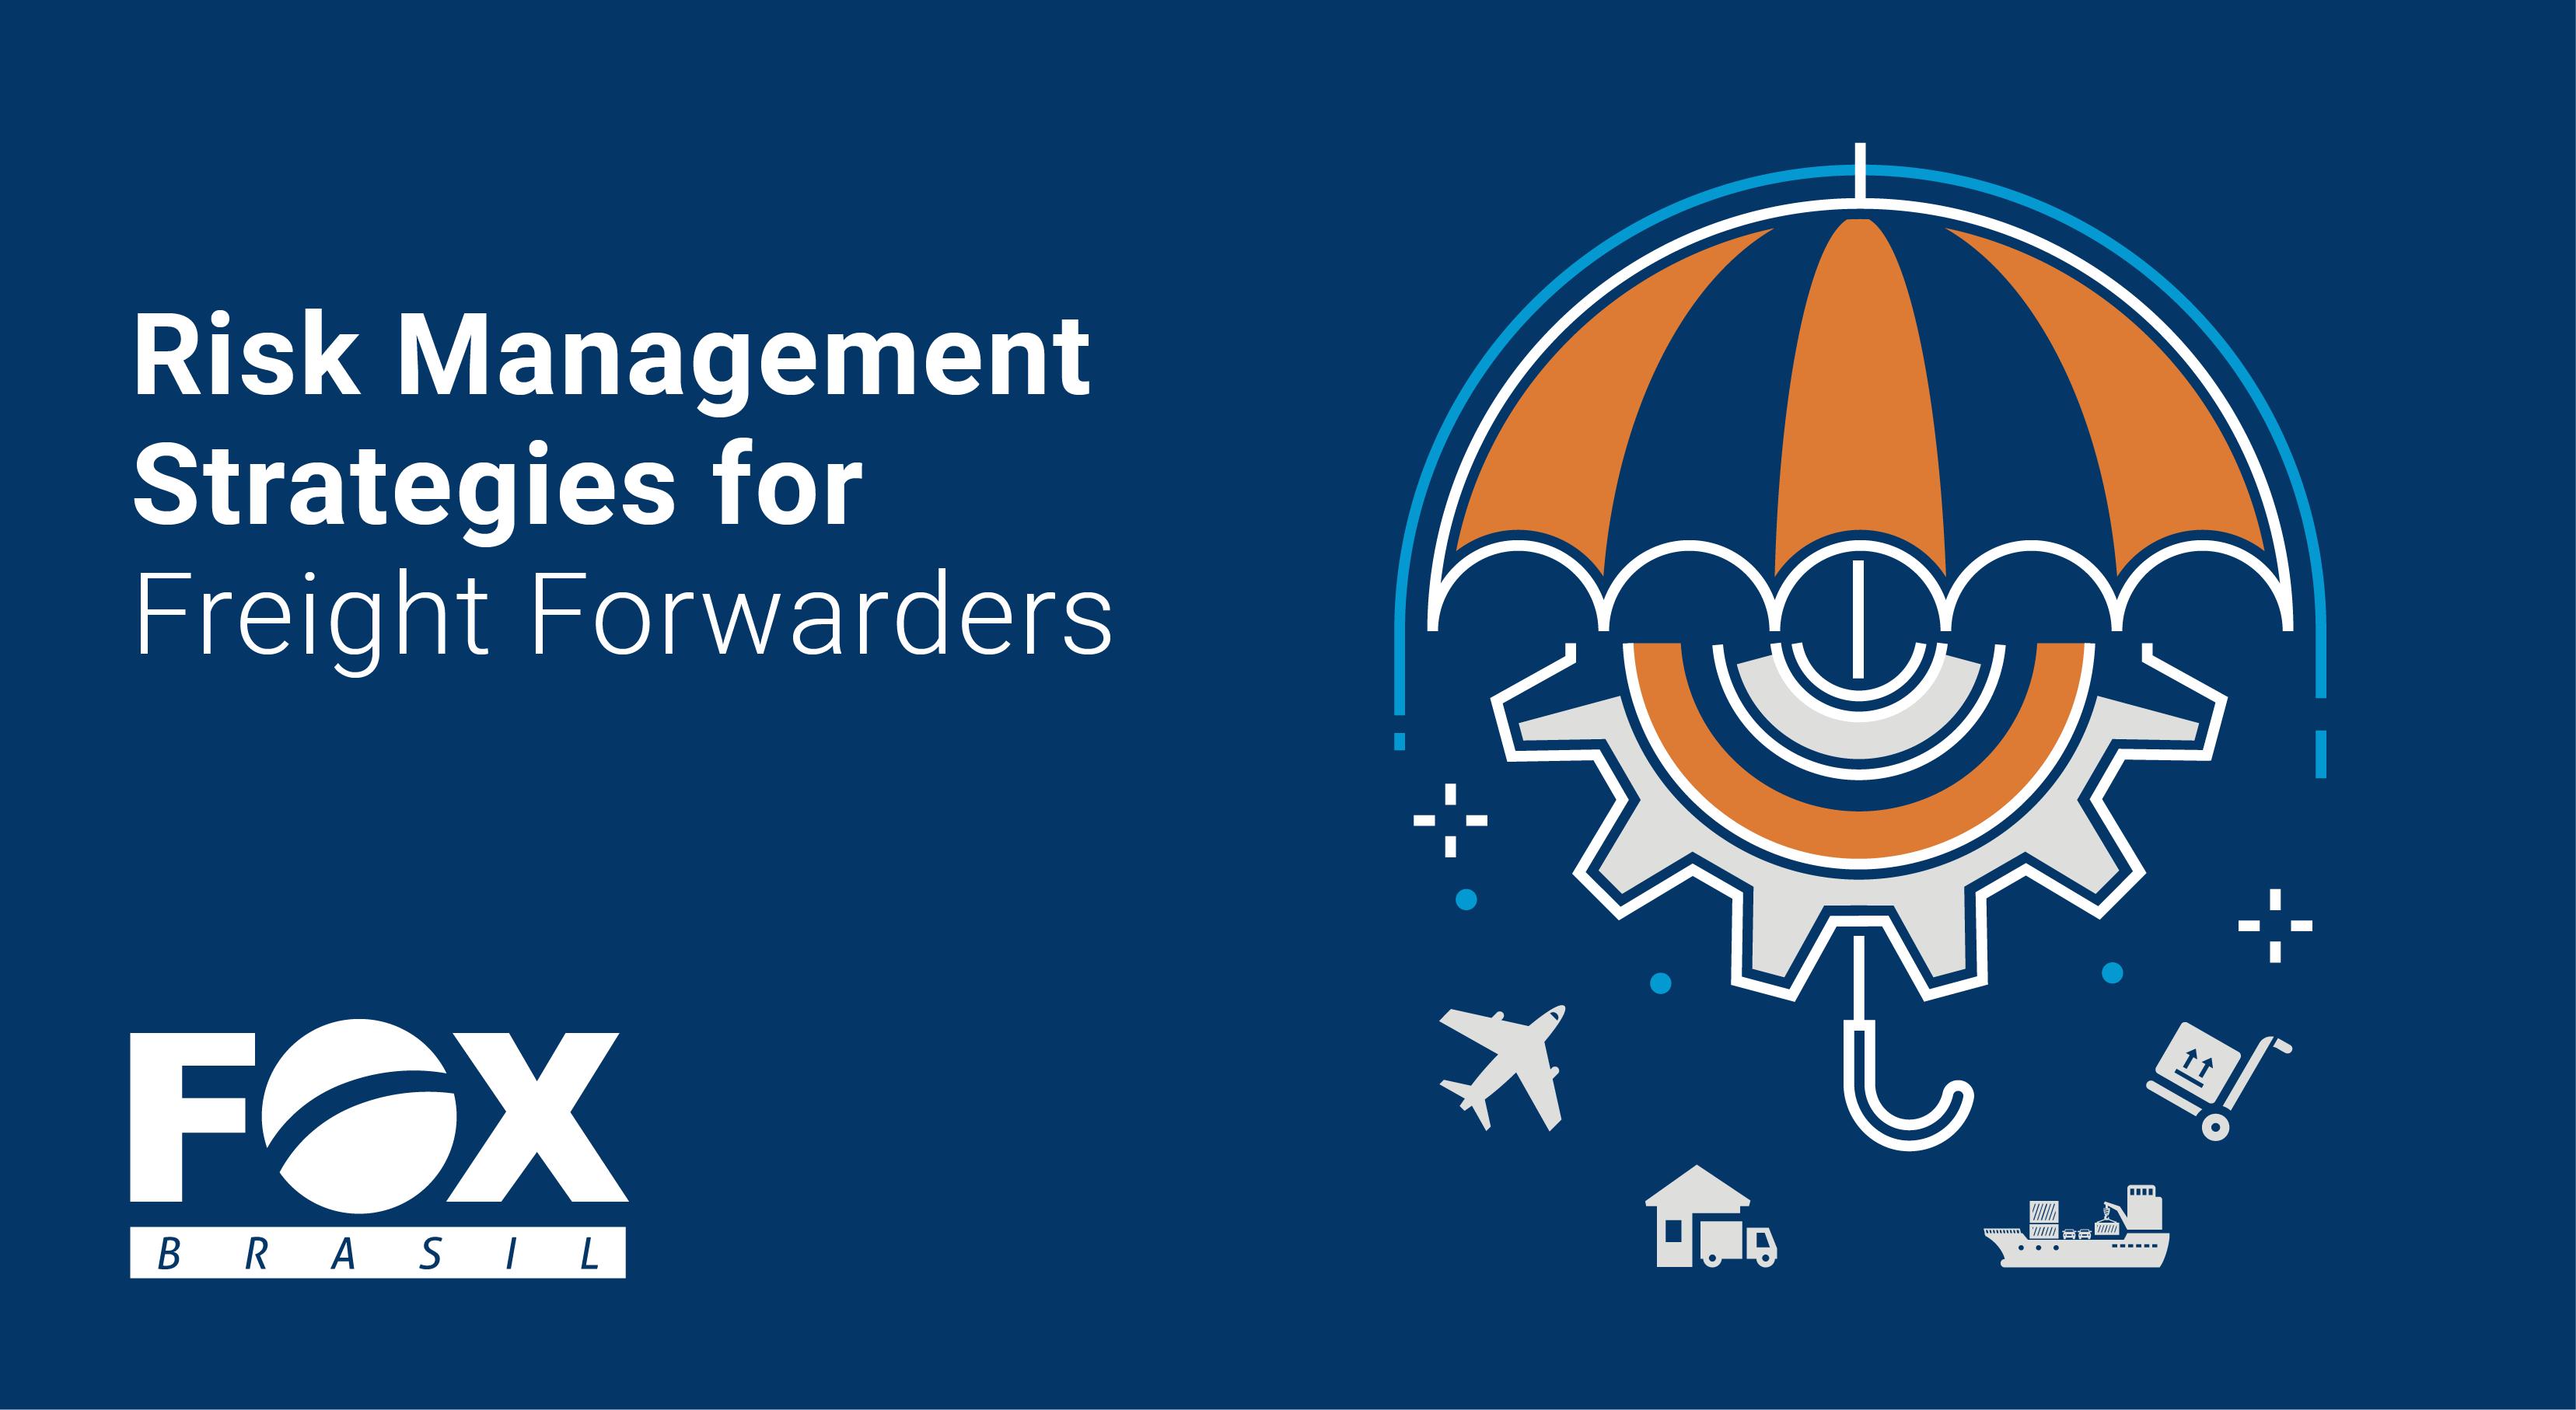 Risk Management Strategies for Freight Forwarders - FOX Brasil